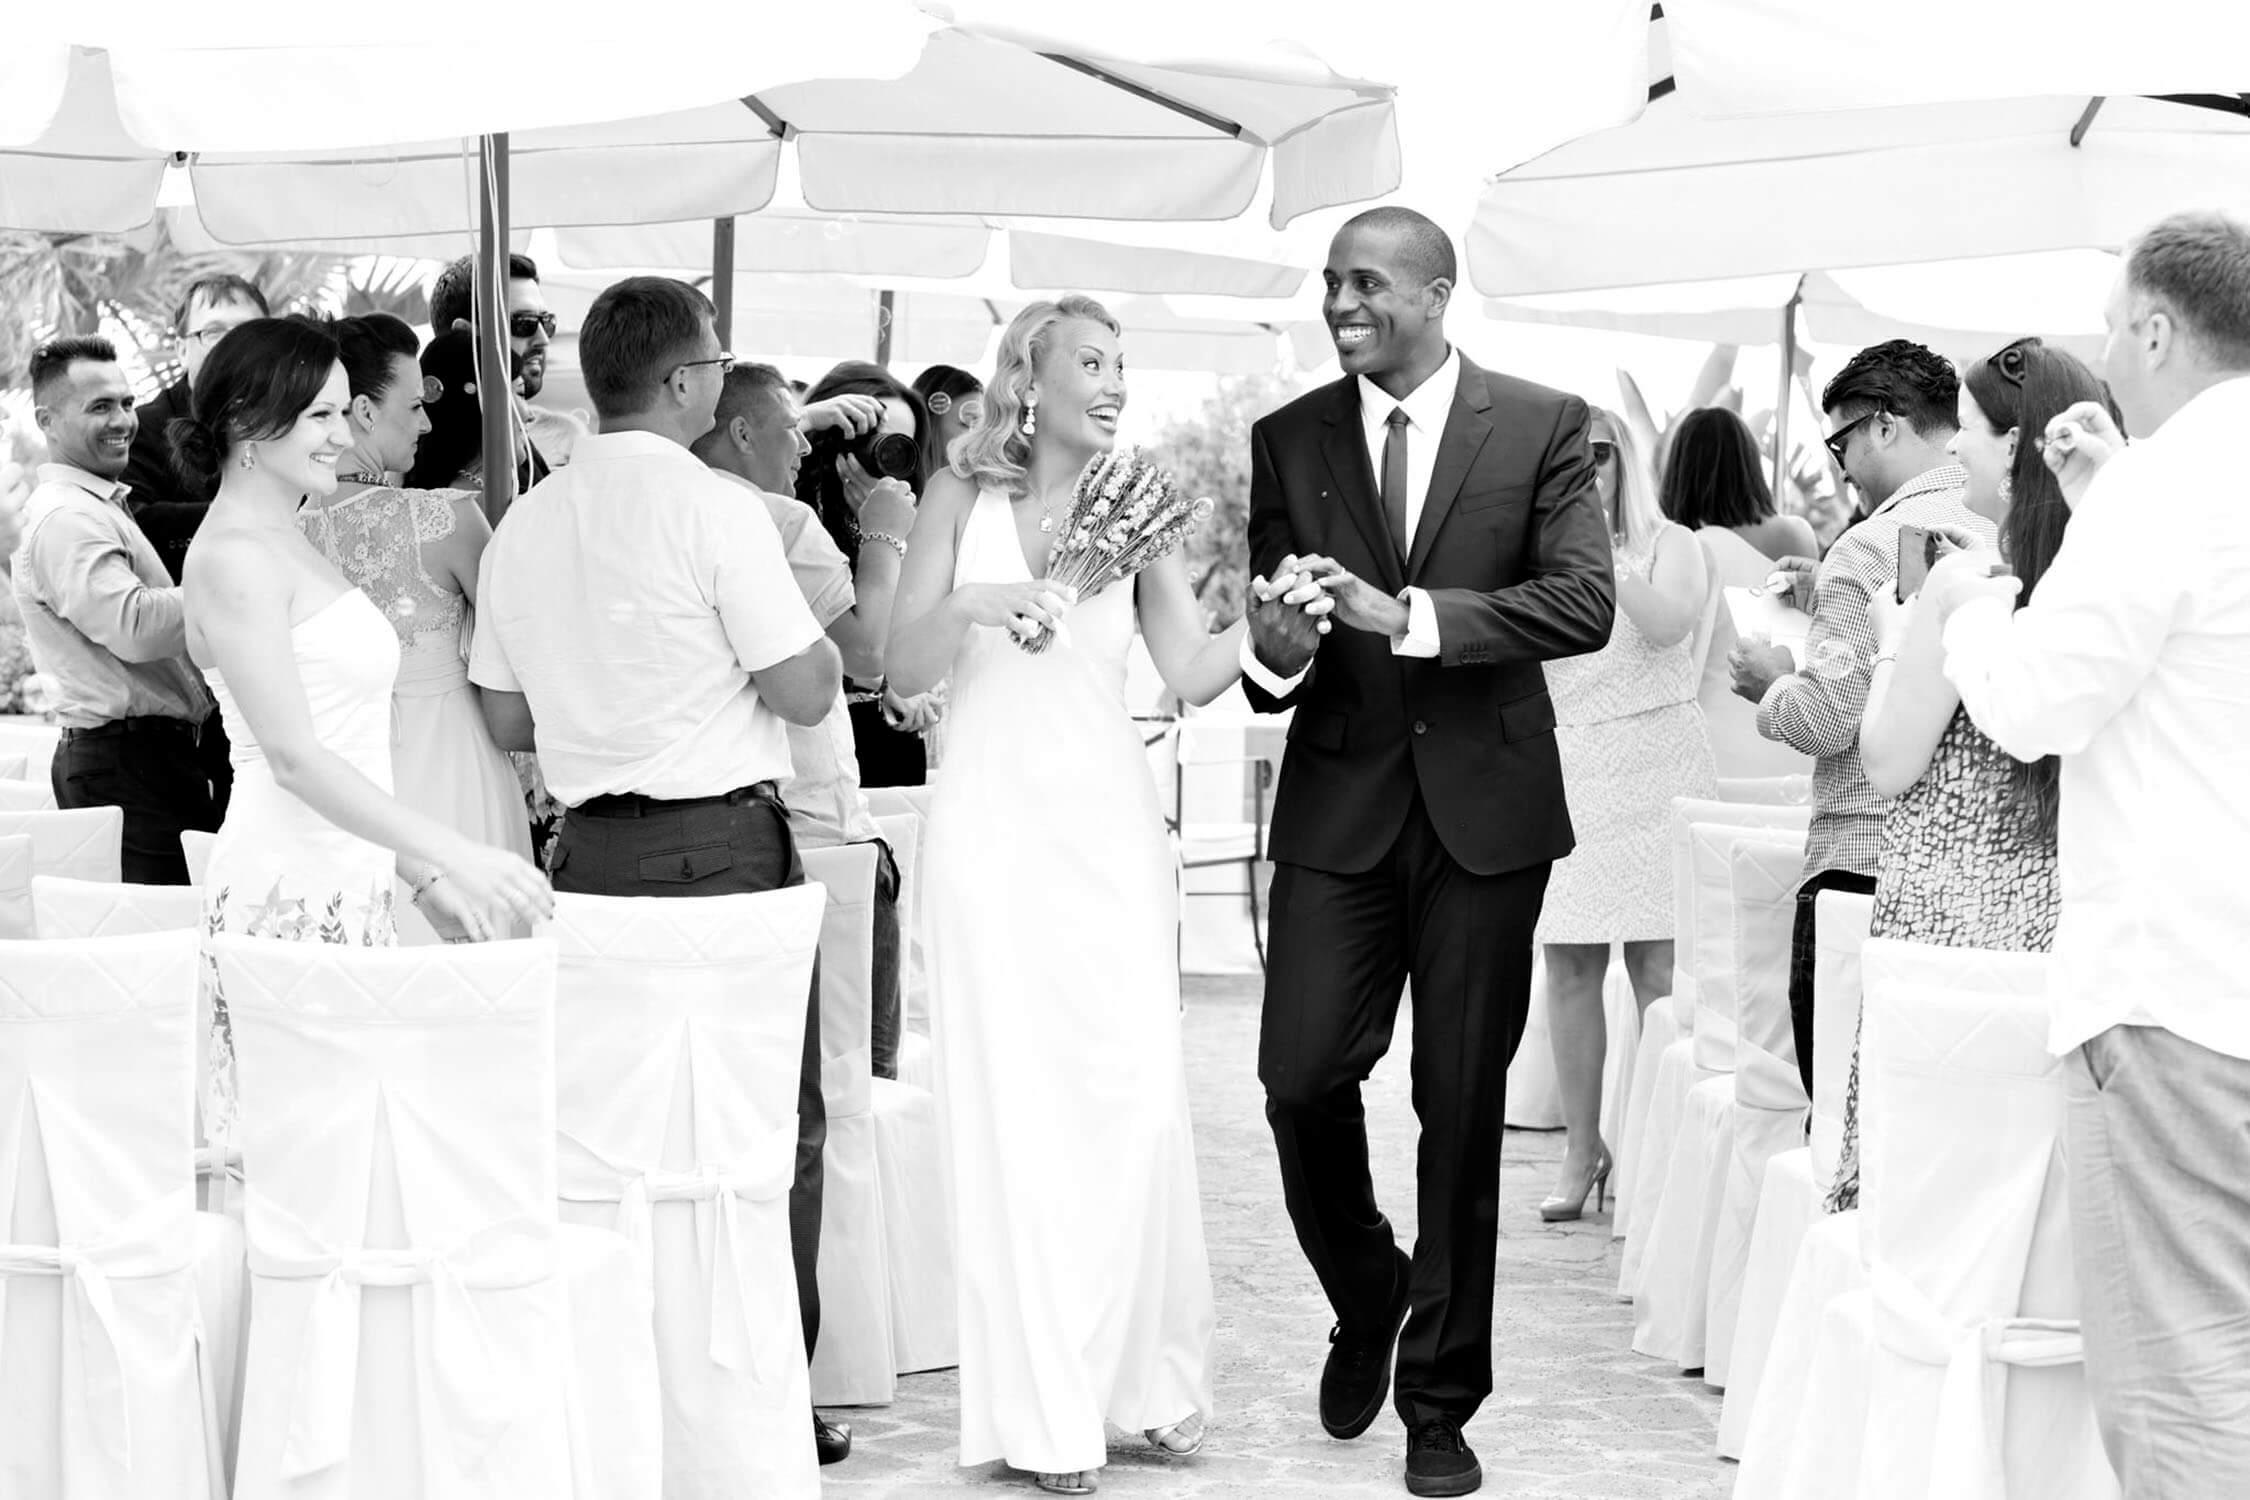 Viva gli sposi! Fotografia di Nino Lombardo per matrimonio in Sicilia Nino Lombardo